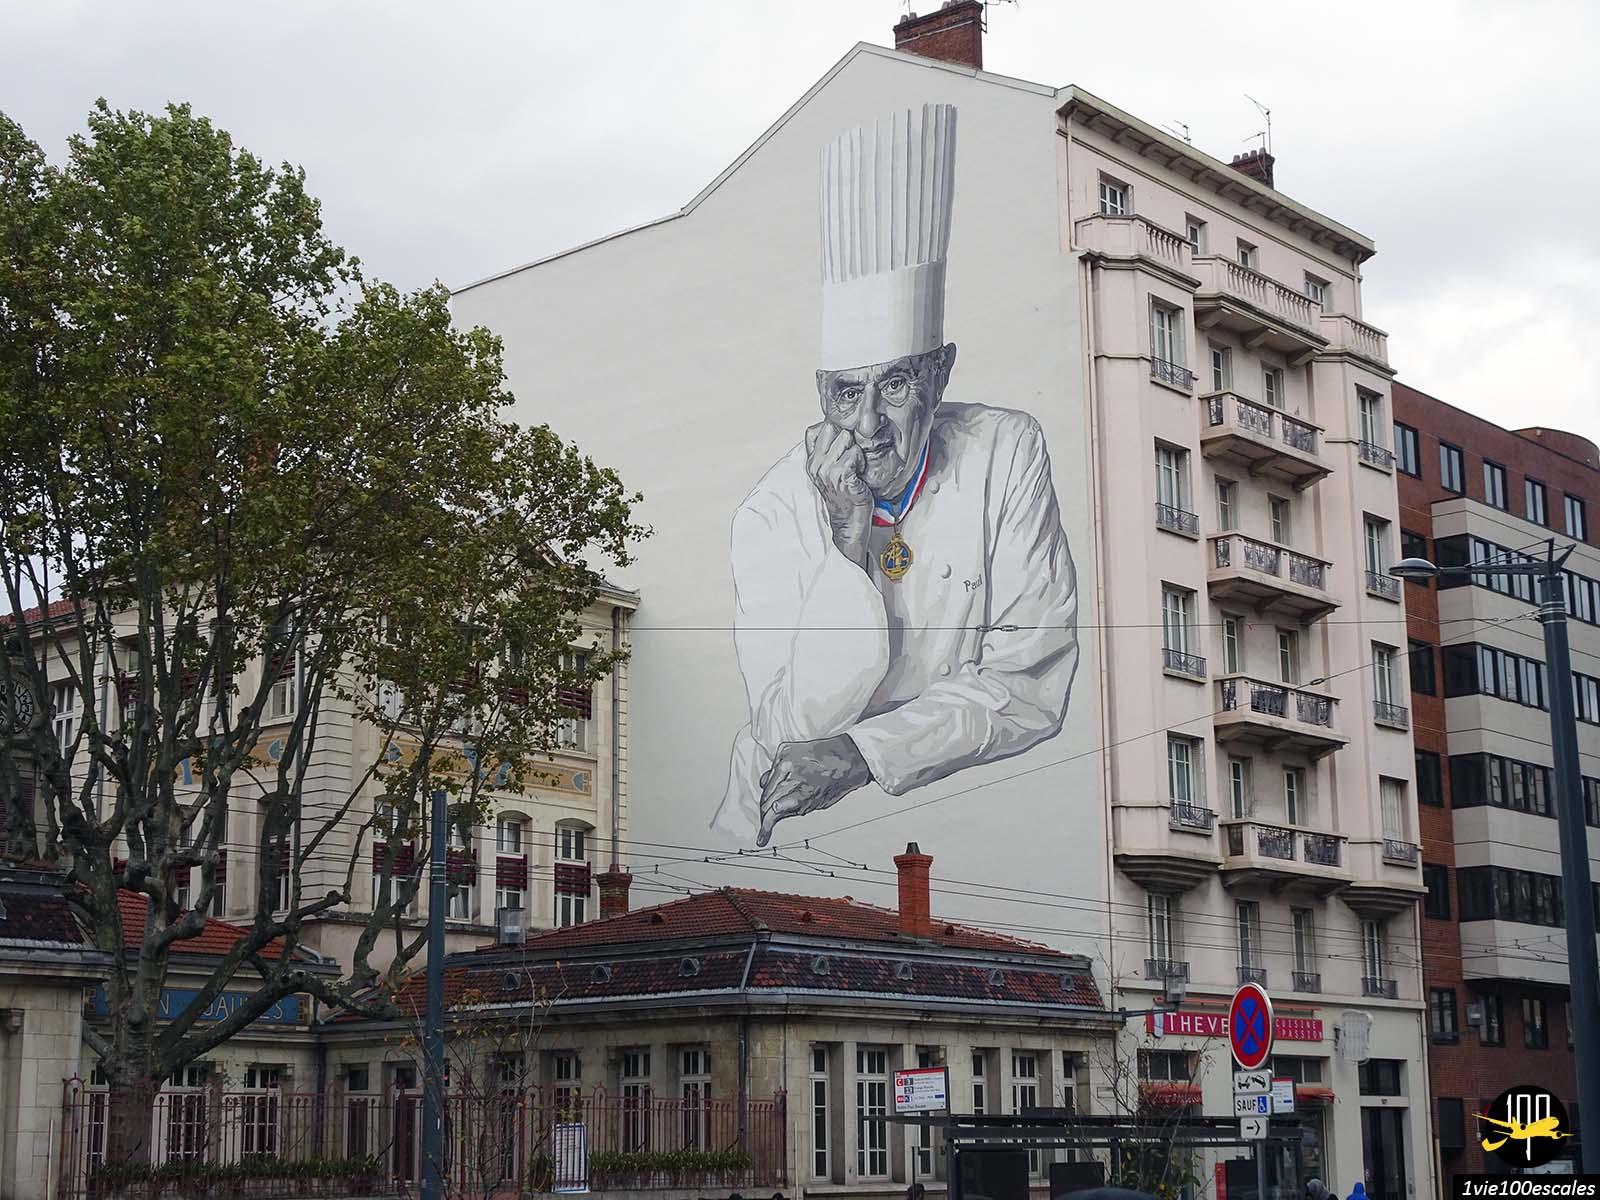 Un homme peint sur un mur de Lyon pour le chef de cuisine Paul Bocuse